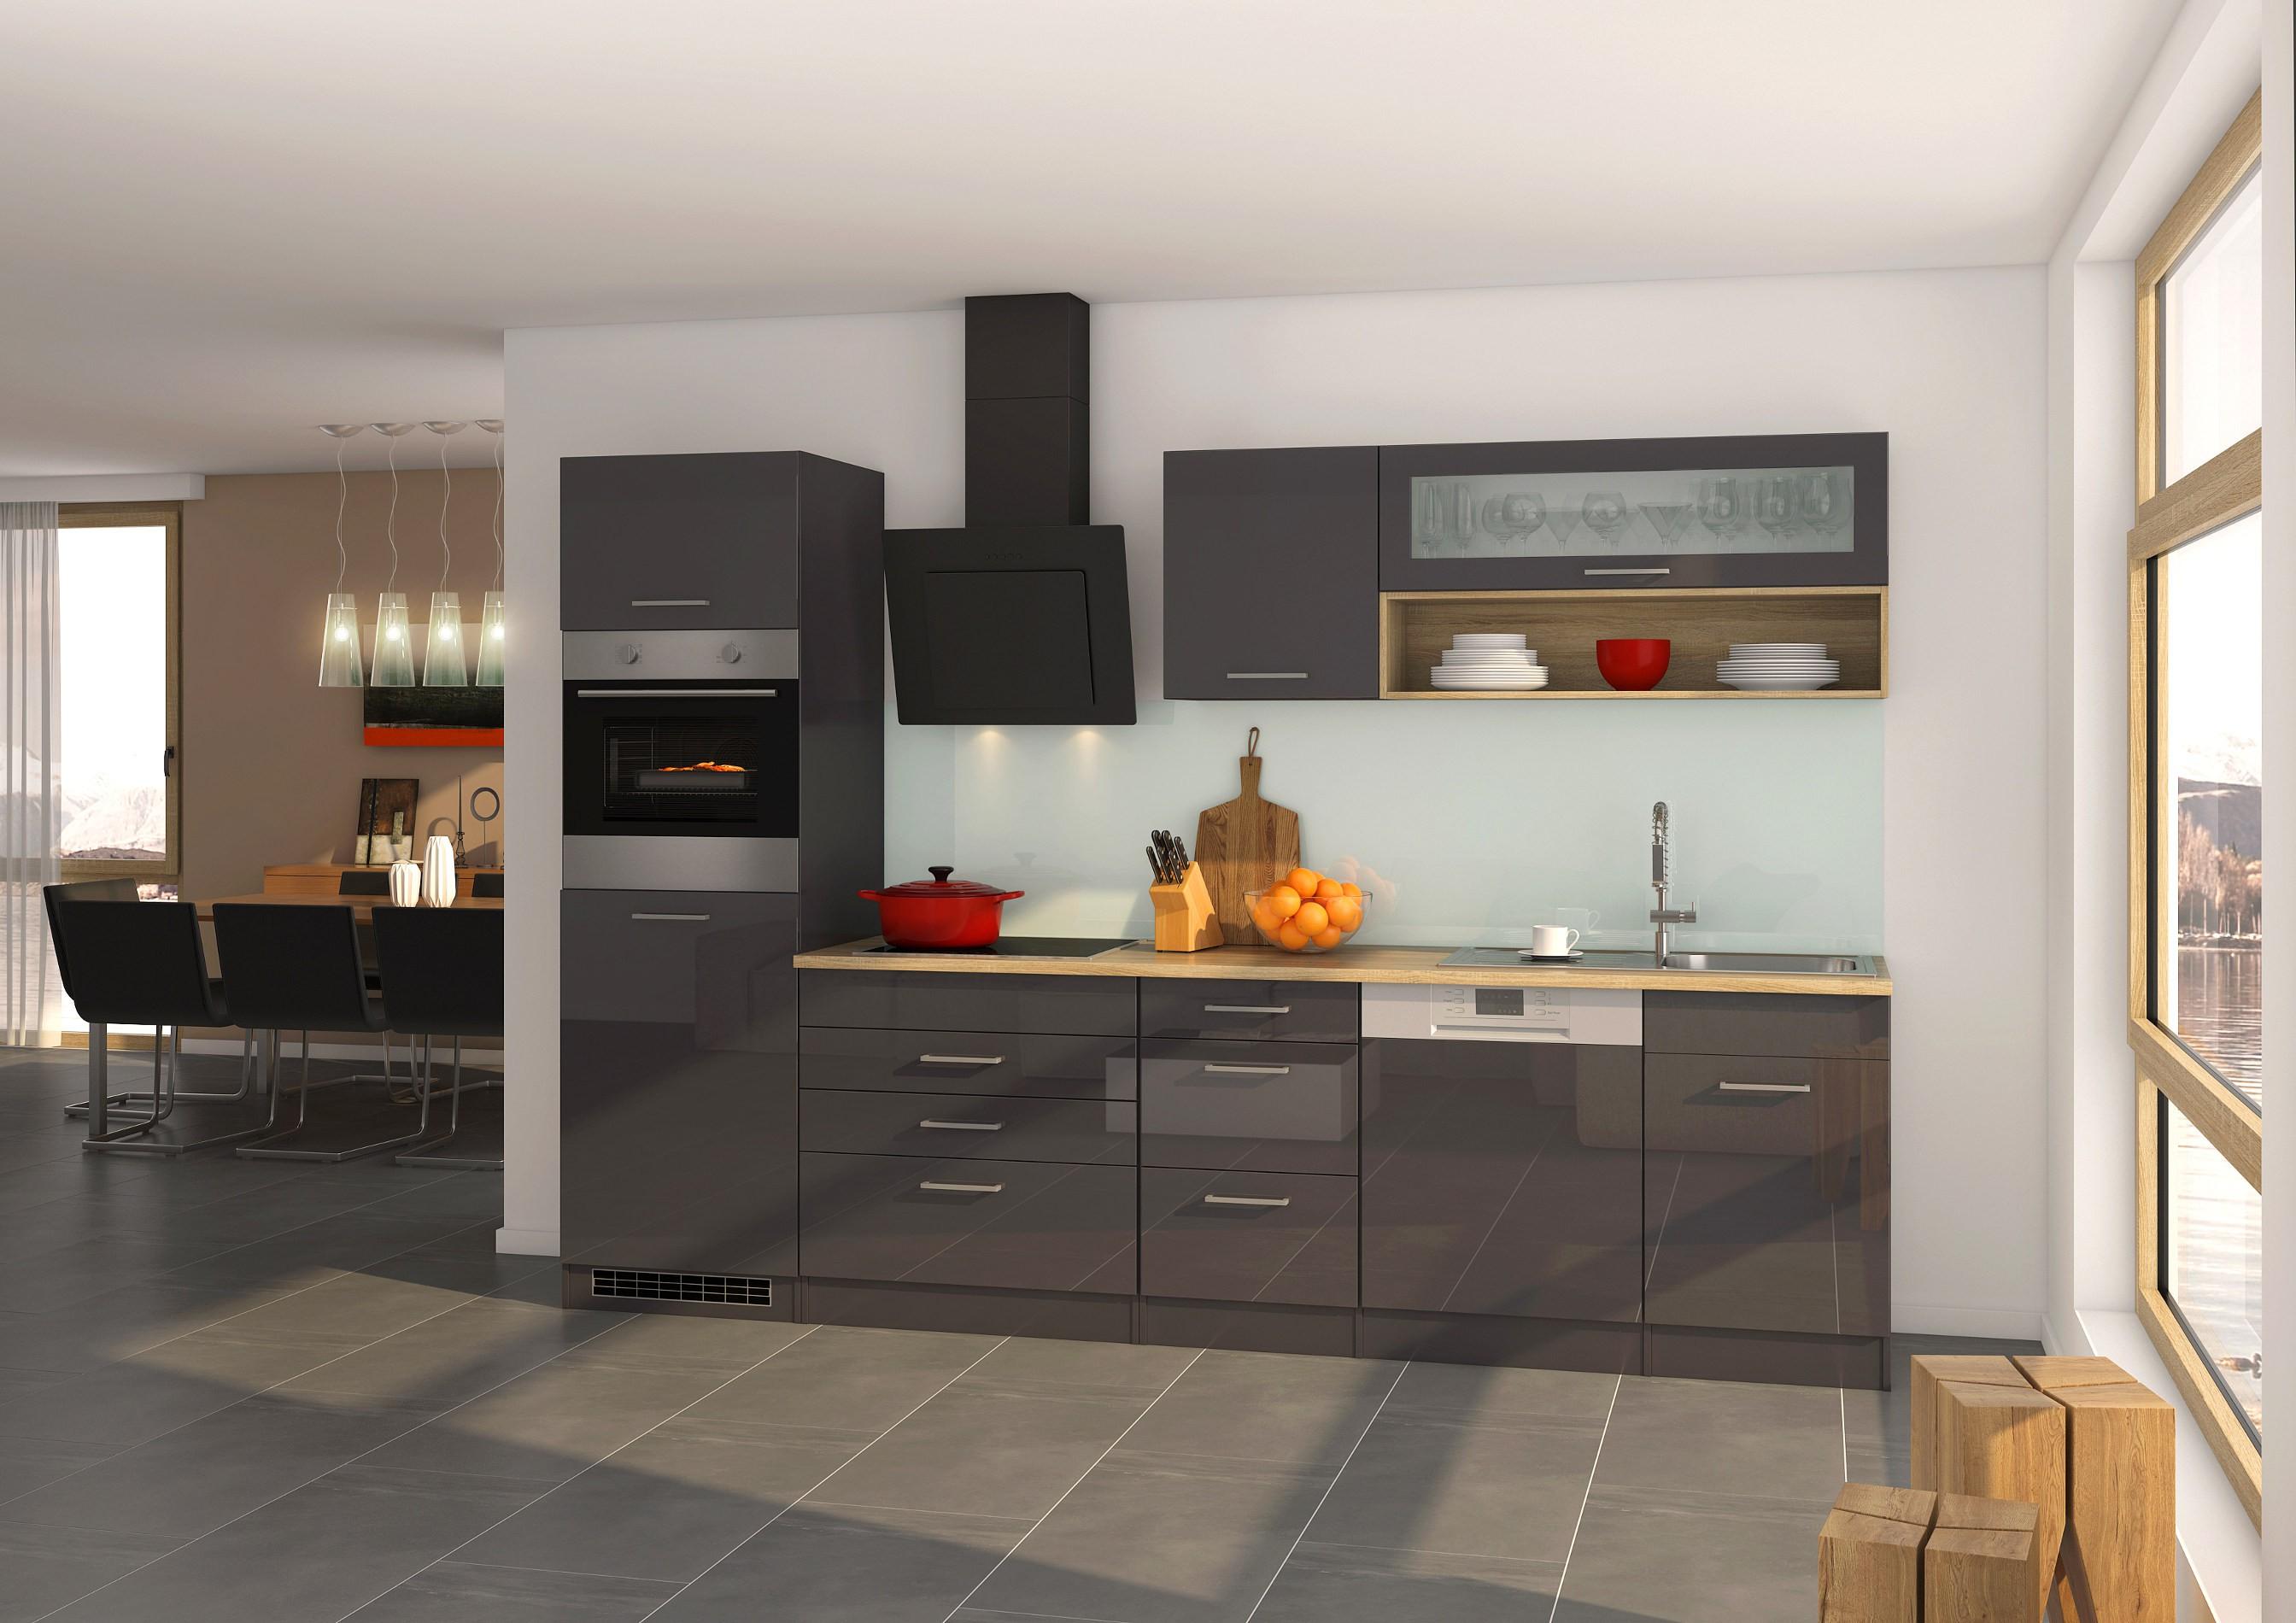 k chen unterschrank m nchen f r kochfeld 60 cm breit hochglanz grau k che m nchen. Black Bedroom Furniture Sets. Home Design Ideas